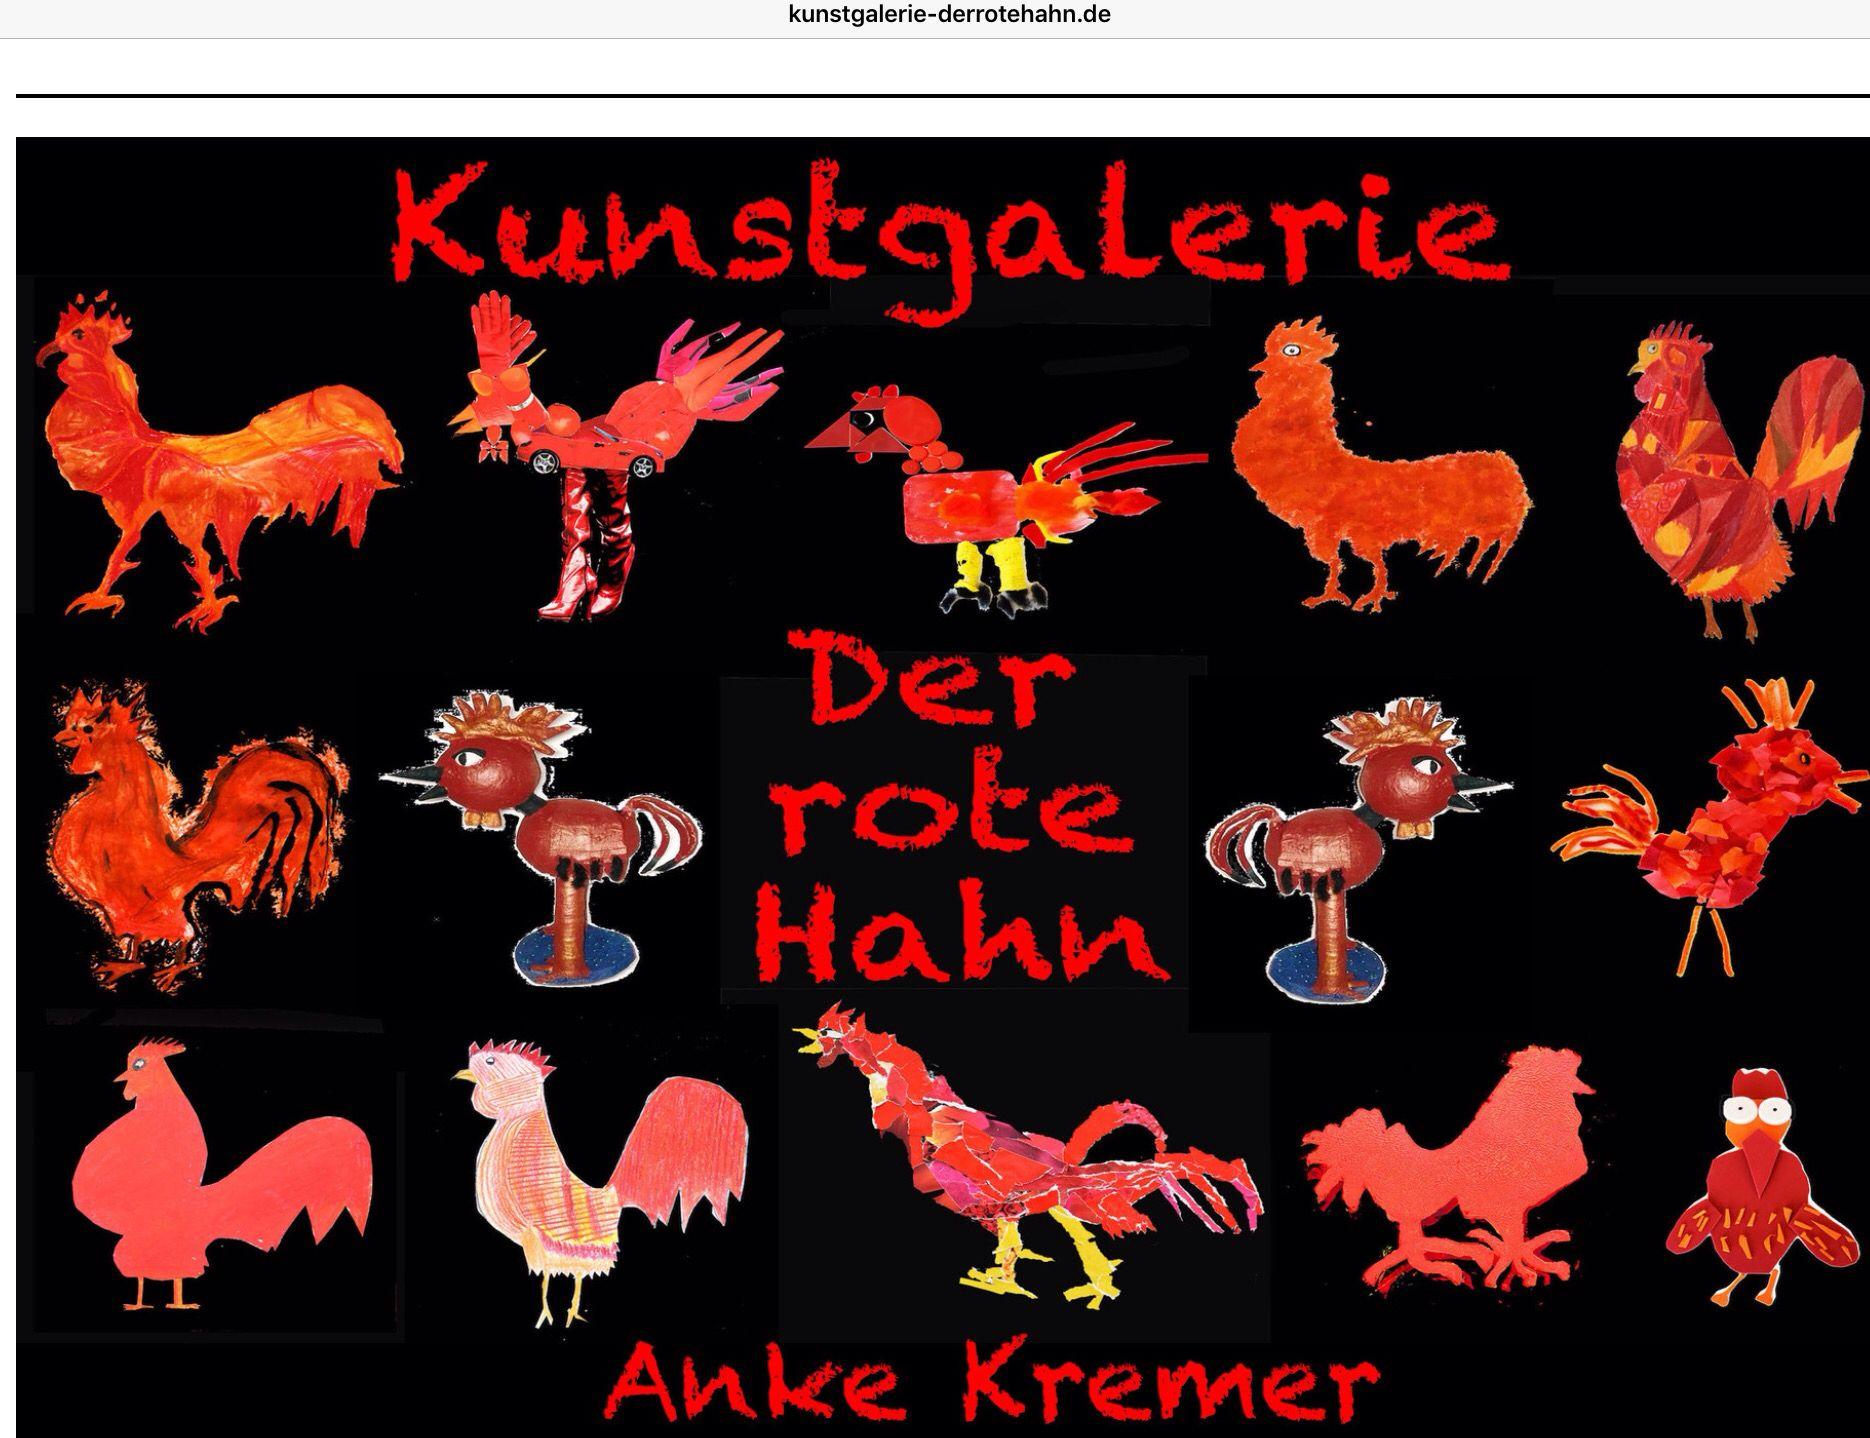 der rote hahn kunstgalerie startseite stechlin grundschule berlin kunst mit kindern. Black Bedroom Furniture Sets. Home Design Ideas